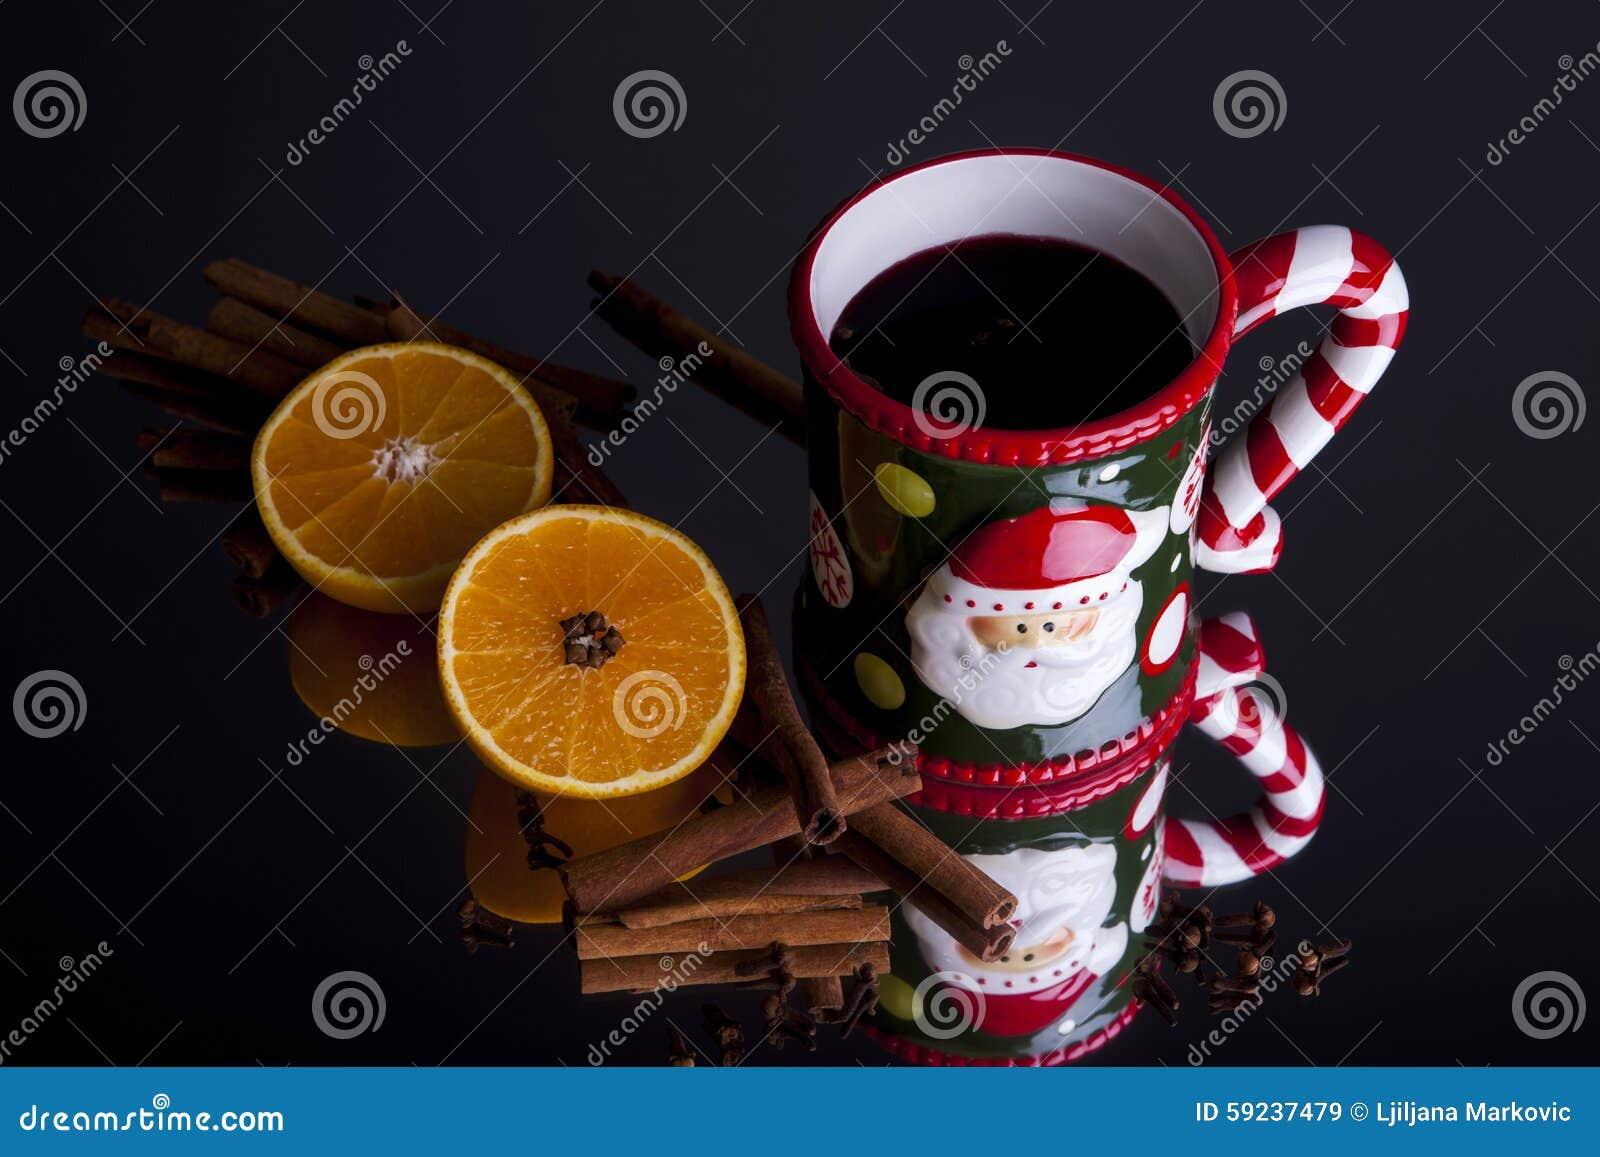 Naranjas del vino y palillos de canela reflexionados sobre